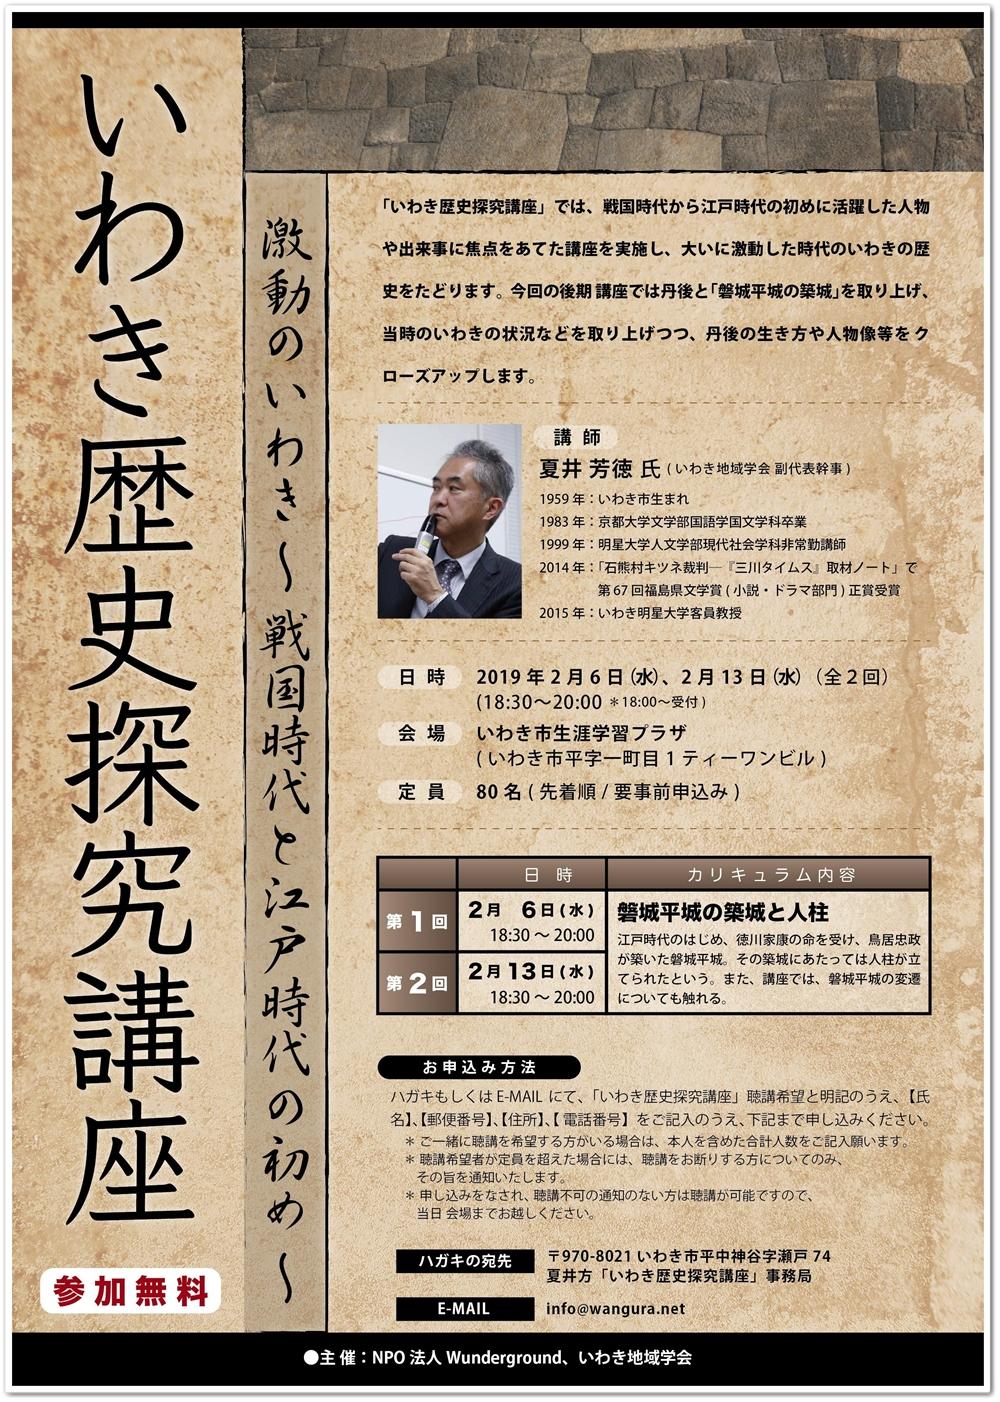 戦国時代と江戸時代の初めを学びませんか!?「いわき歴史探求講座」聴講者募集のお知らせ [平成31年1月25日(金)更新]